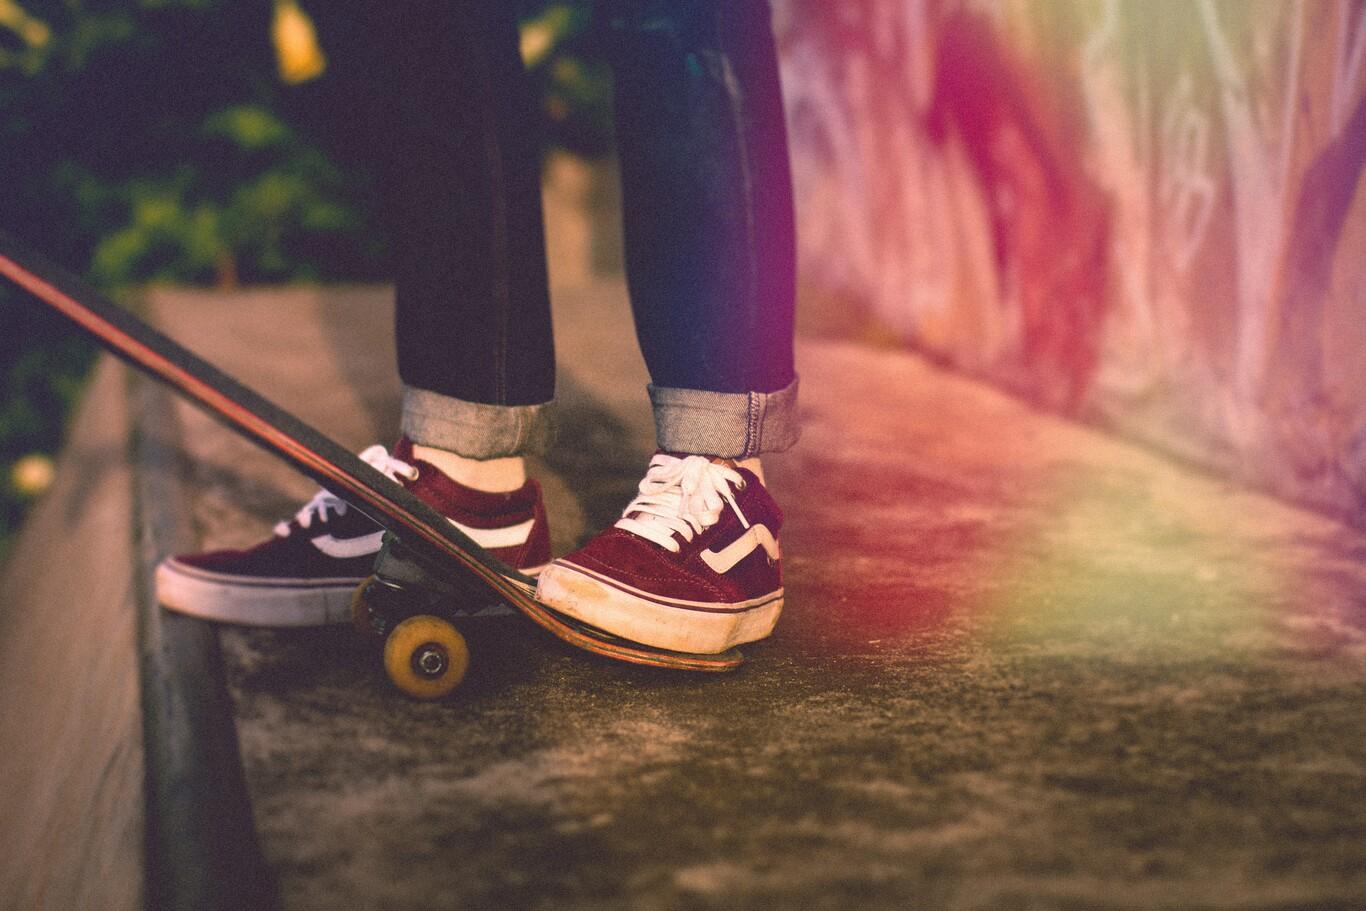 Las mejores ofertas de zapatillas de lona: Vans, El Ganso y por supuesto, Converse más baratas